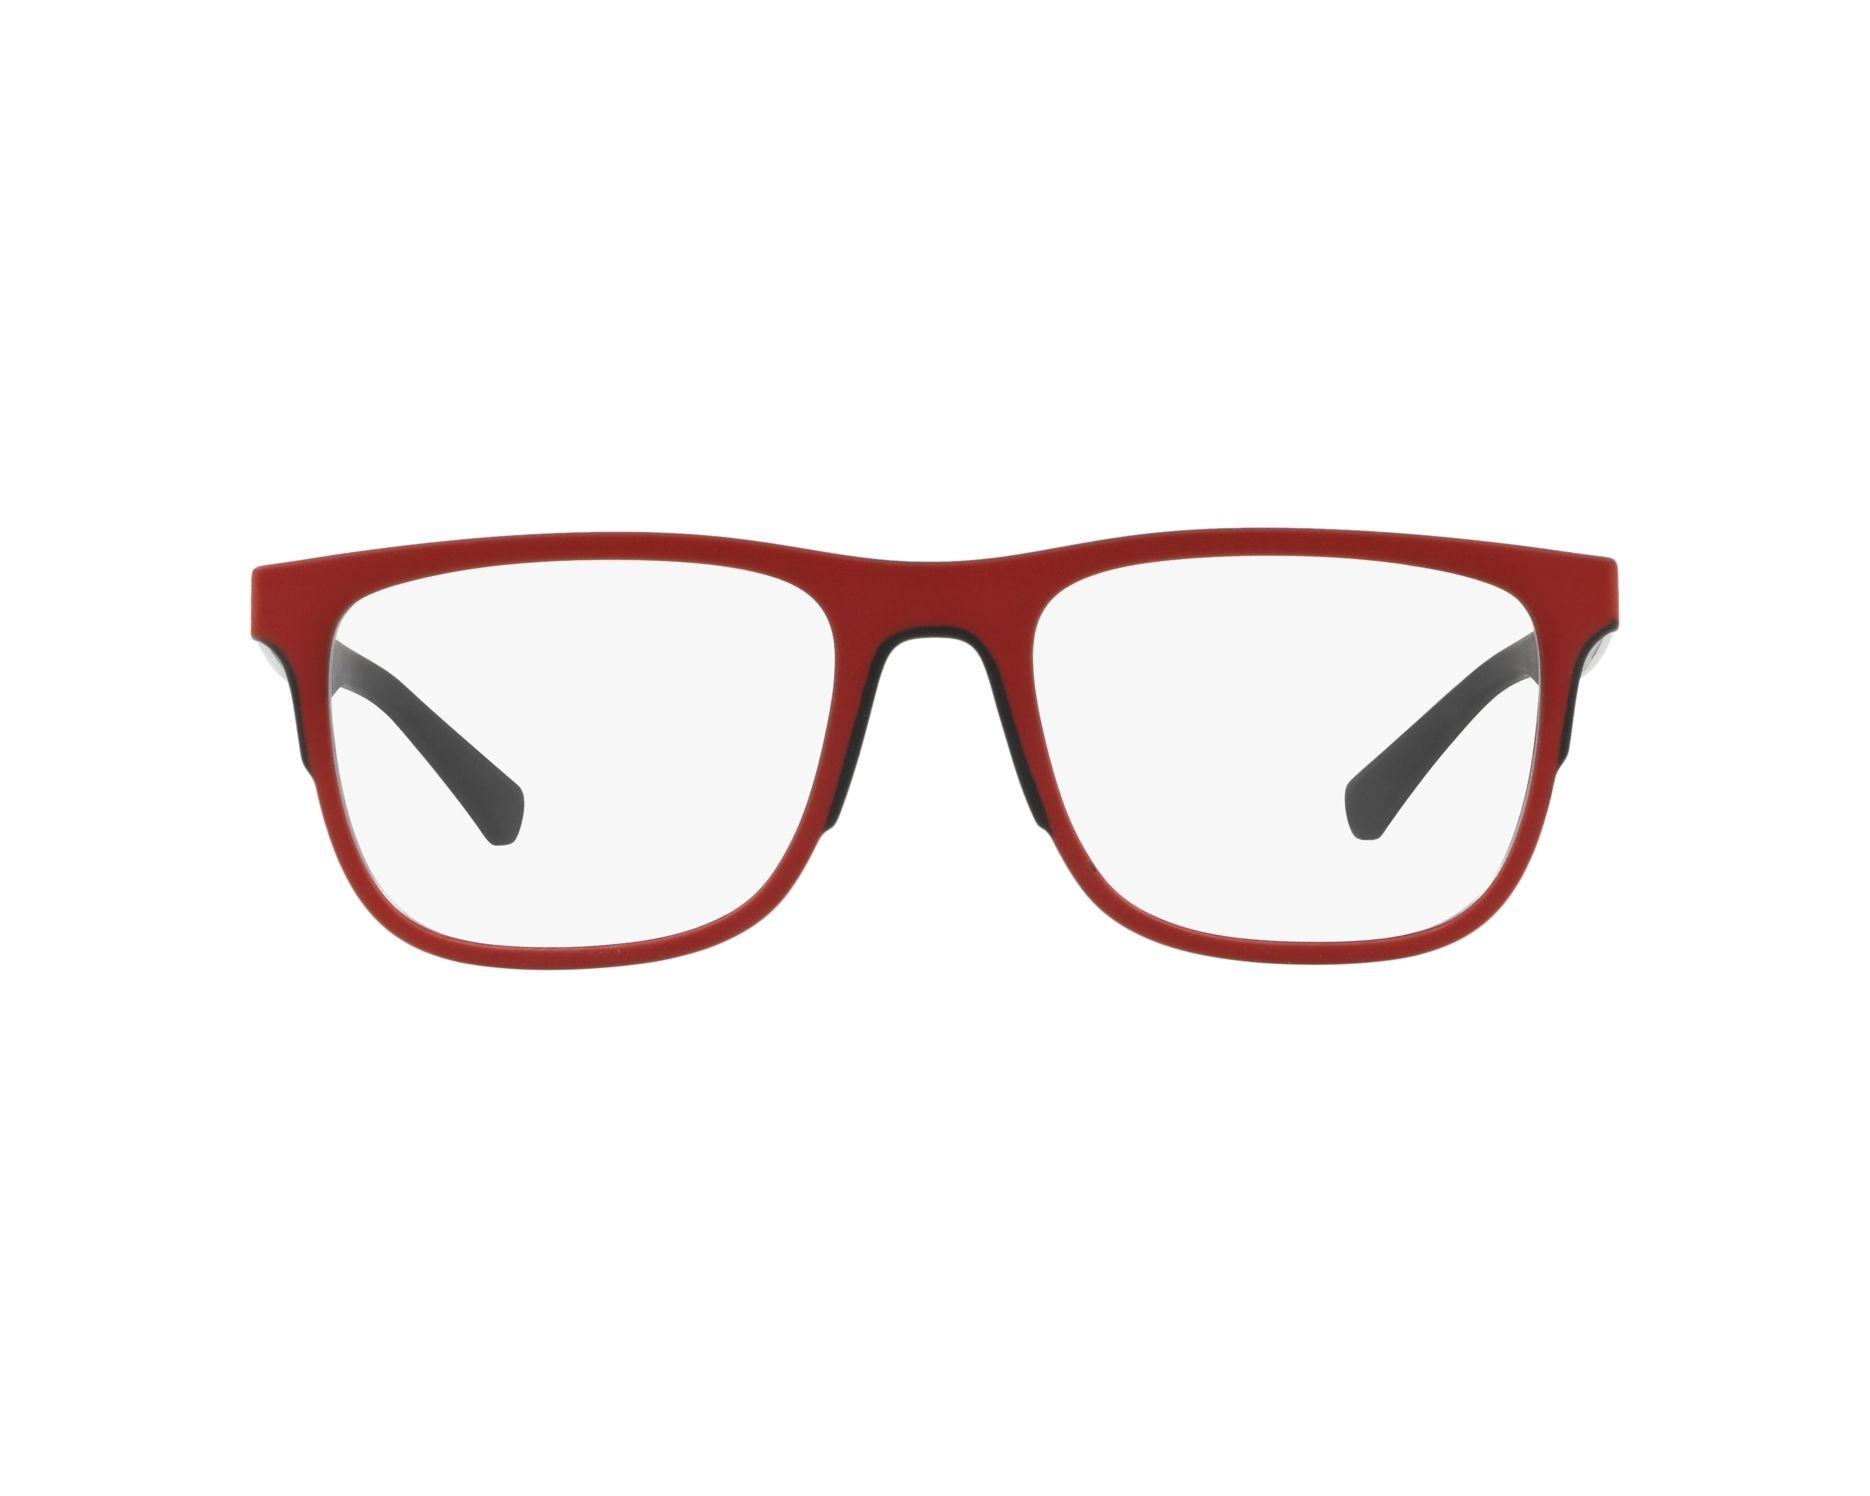 Emporio Armani Eyeglasses Red EA-3133 5666 - Visionet US